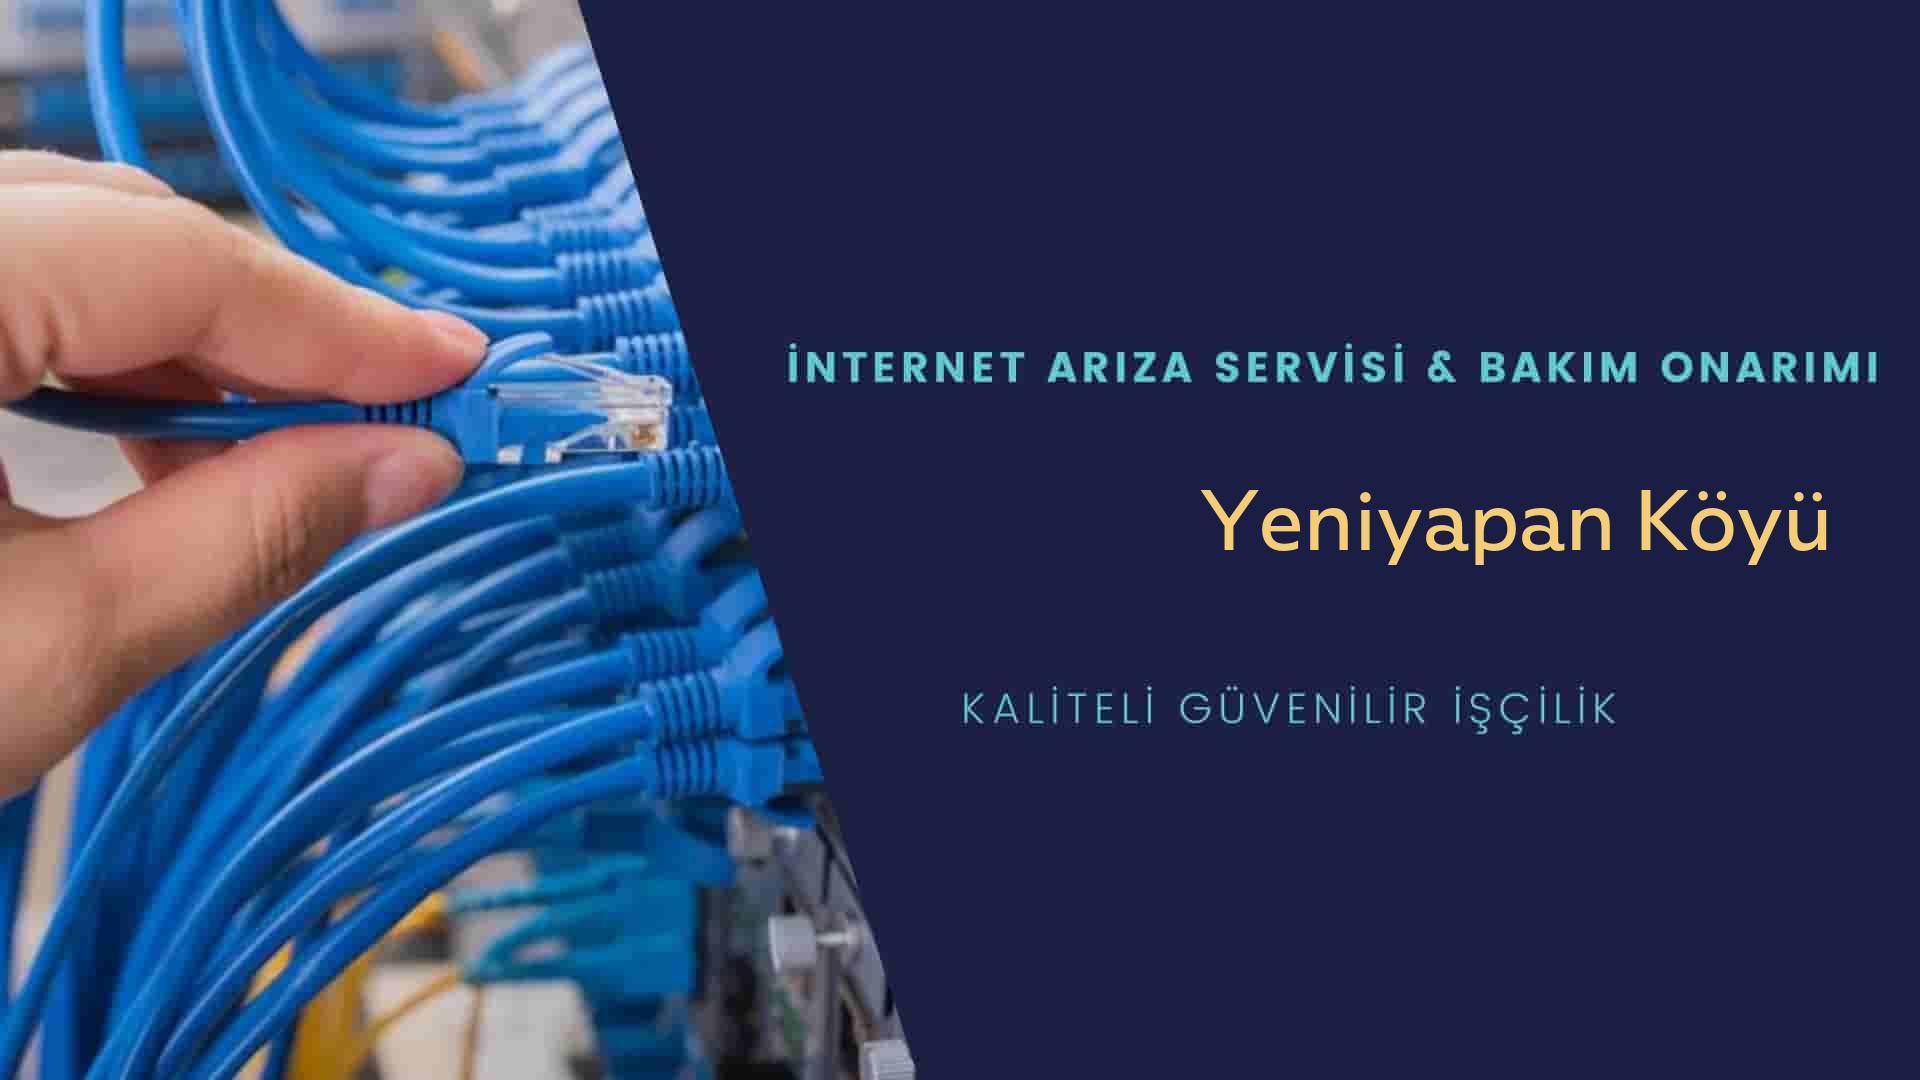 Yeniyapan Köyü internet kablosu çekimi yapan yerler veya elektrikçiler mi? arıyorsunuz doğru yerdesiniz o zaman sizlere 7/24 yardımcı olacak profesyonel ustalarımız bir telefon kadar yakındır size.